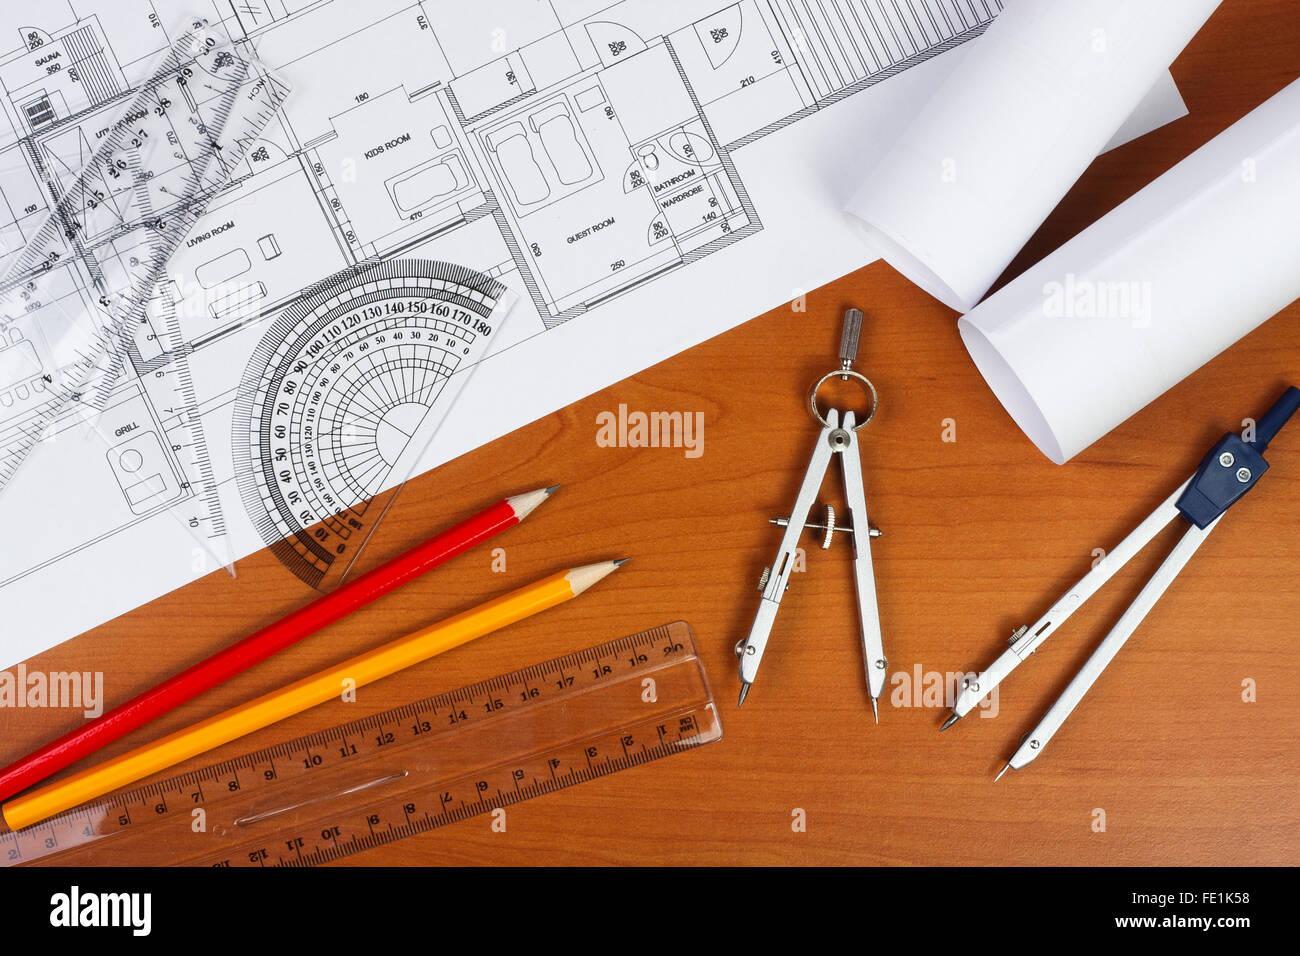 Baupläne, Stifte und Lineal auf dem Schreibtisch Stockbild